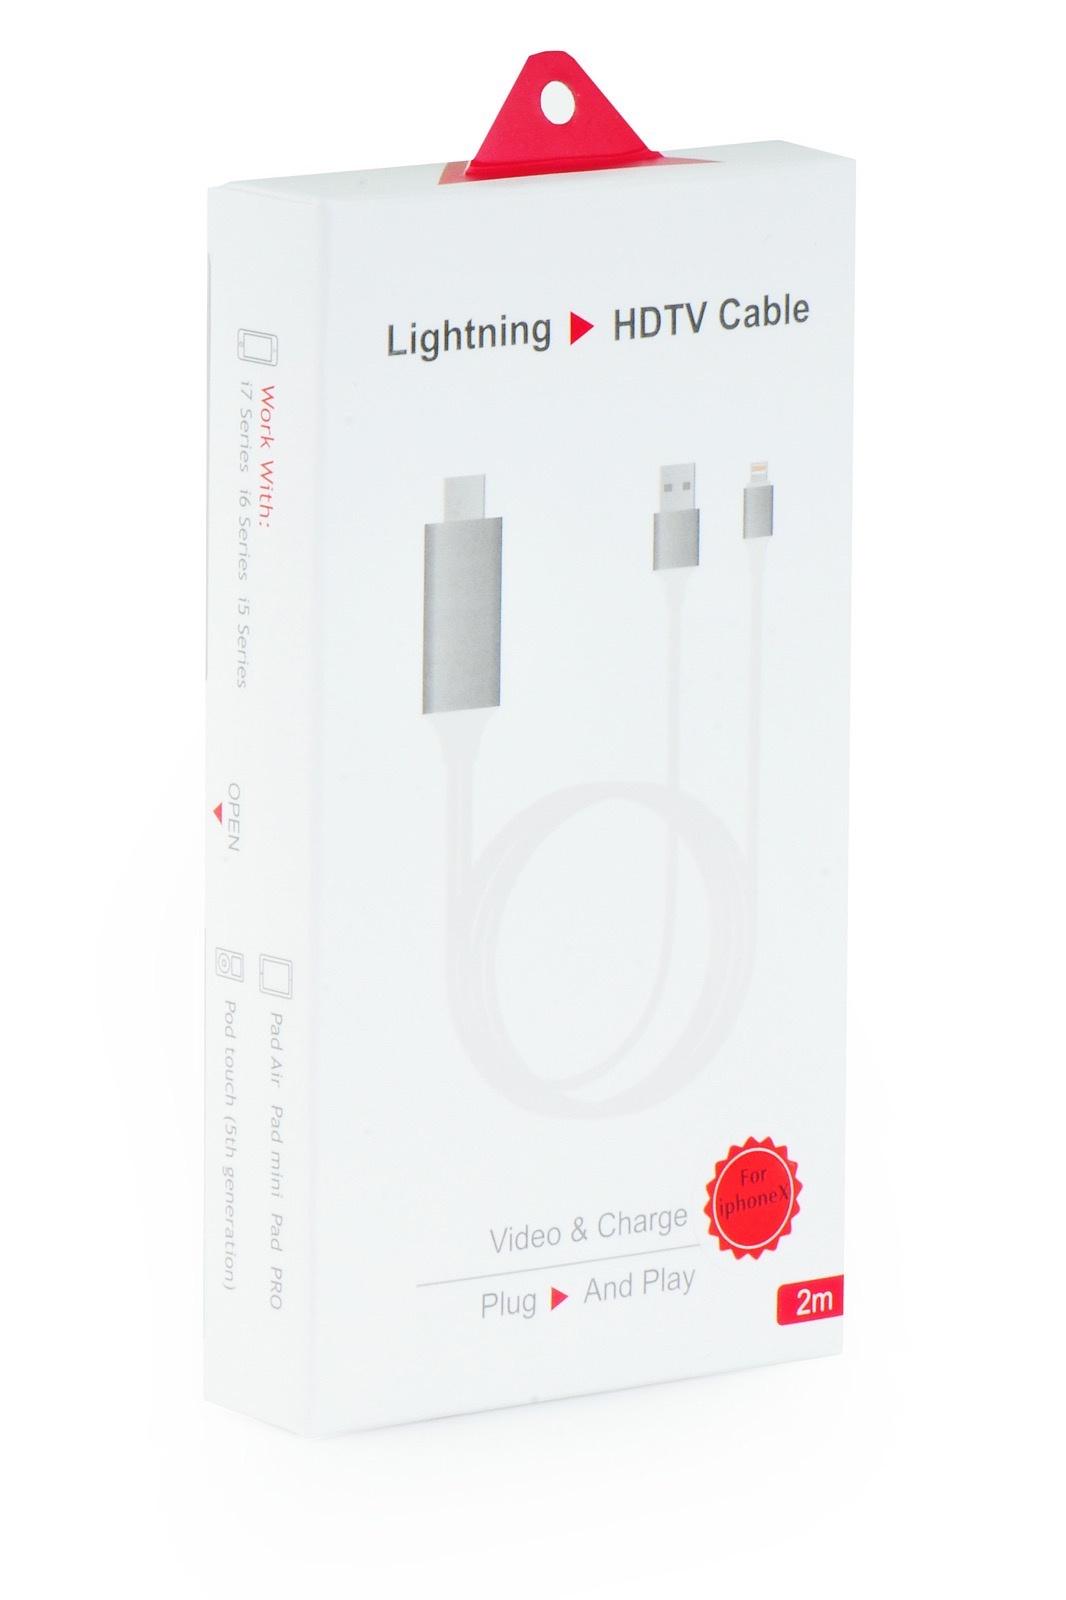 Адаптер-переходник Gurdini Lightning to HDTV cable 2m 1080HD, 905825, белый аксессуар gurdini lightning to hdtv cable 1080hd 2 0m black 905826